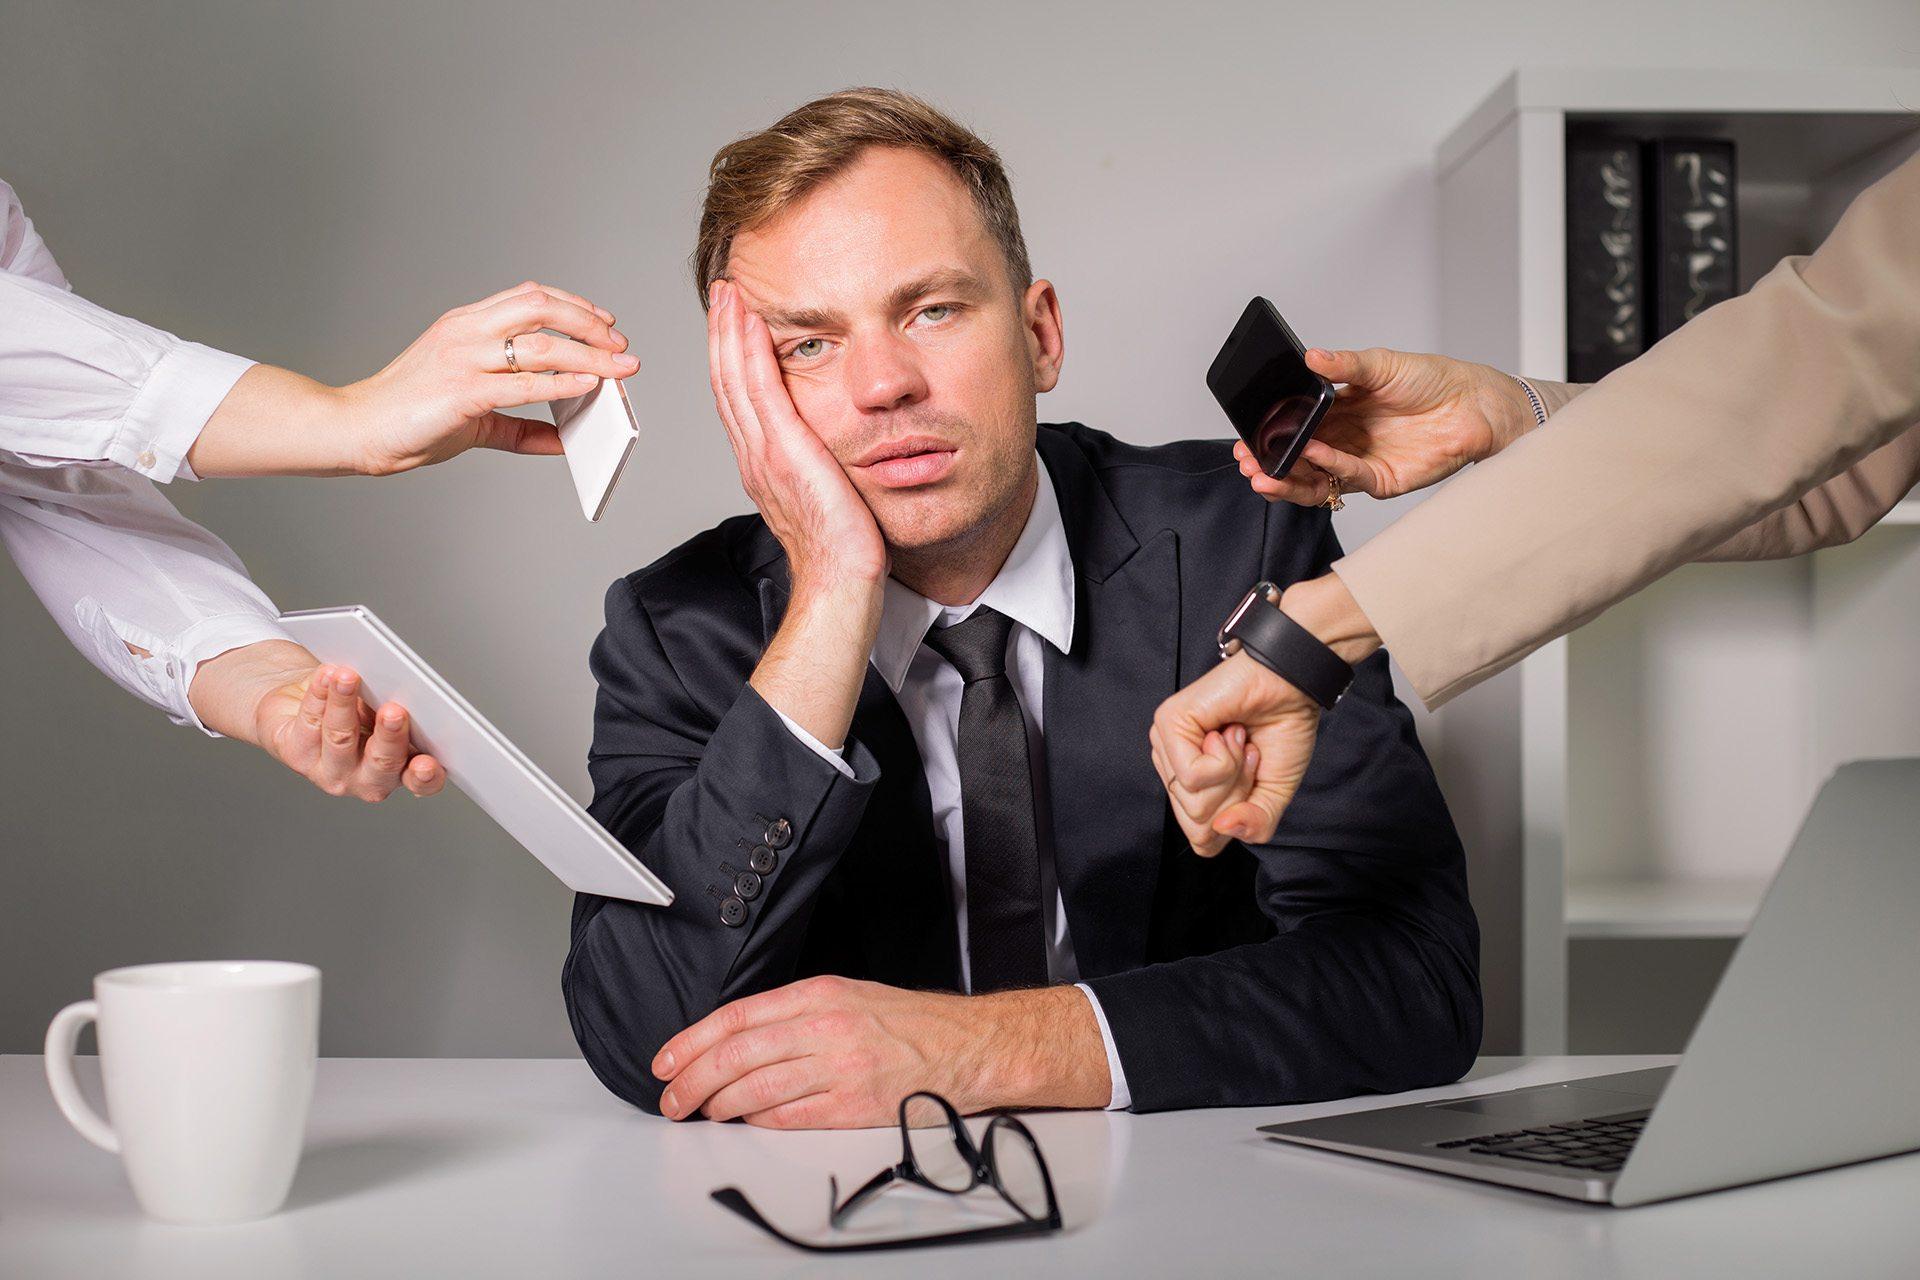 Скрапбукинг, прикольная картинка про менеджеров